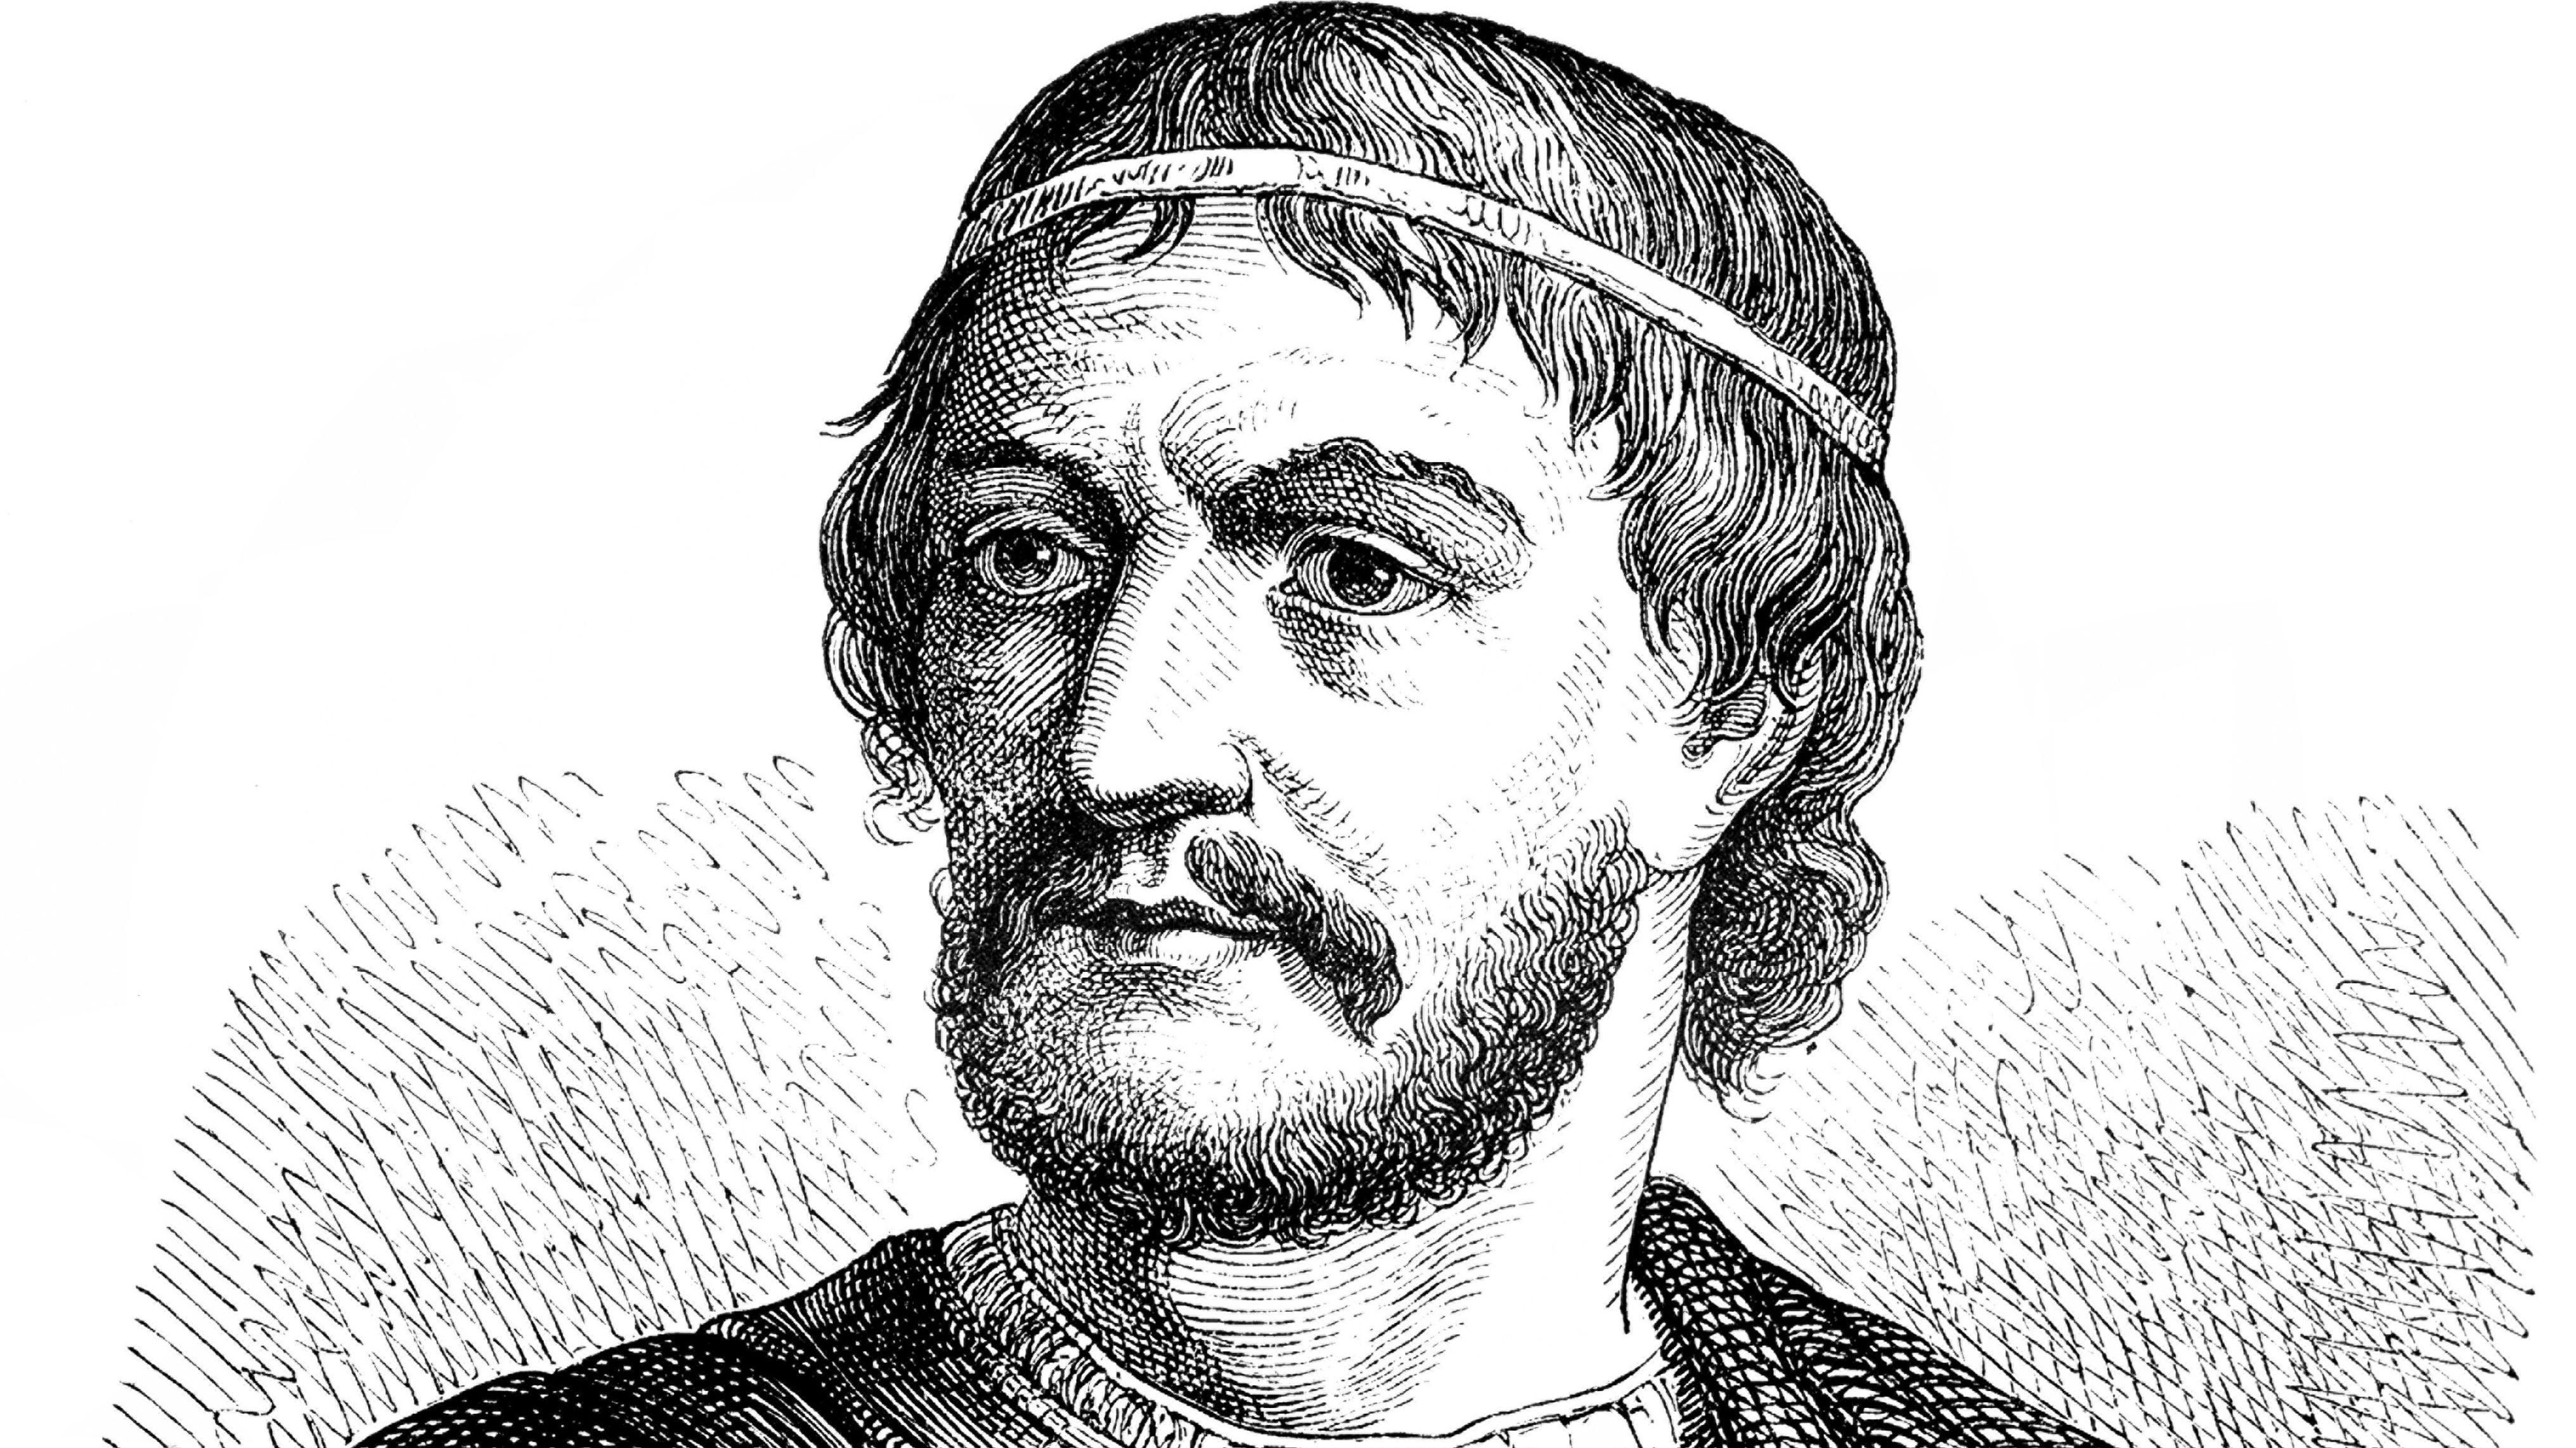 Portrait von Karl Martell, historische Zeichnung aus dem 19. Jahrhundert.